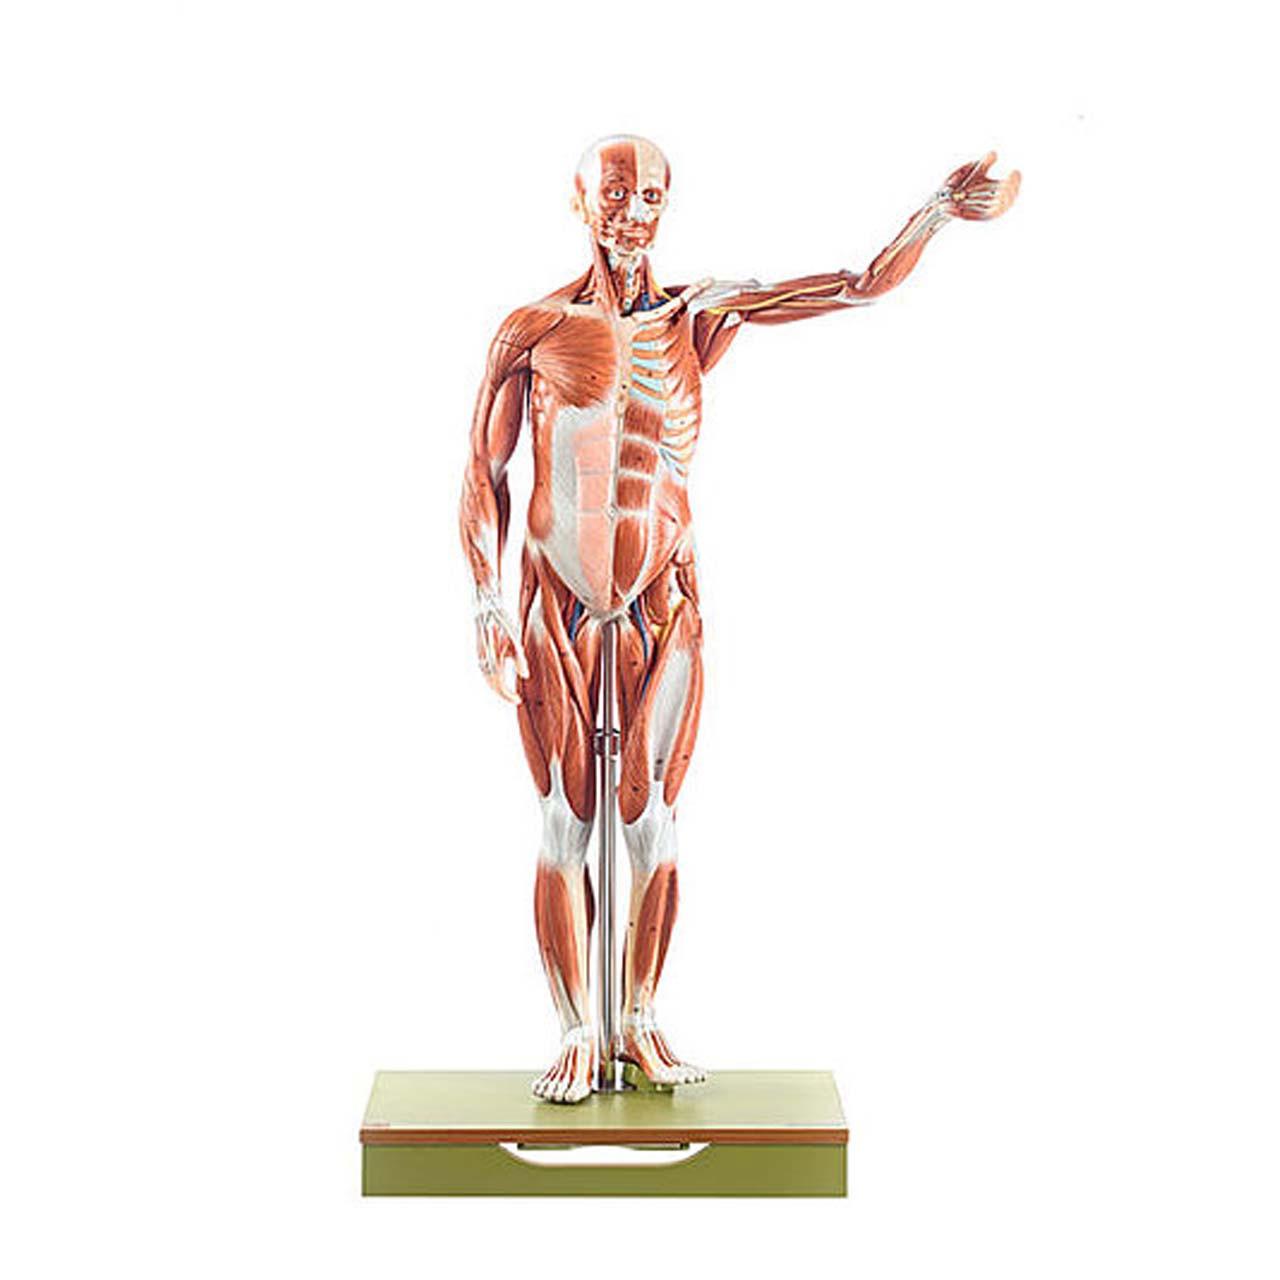 AS1/1 - Male Muscle Figure